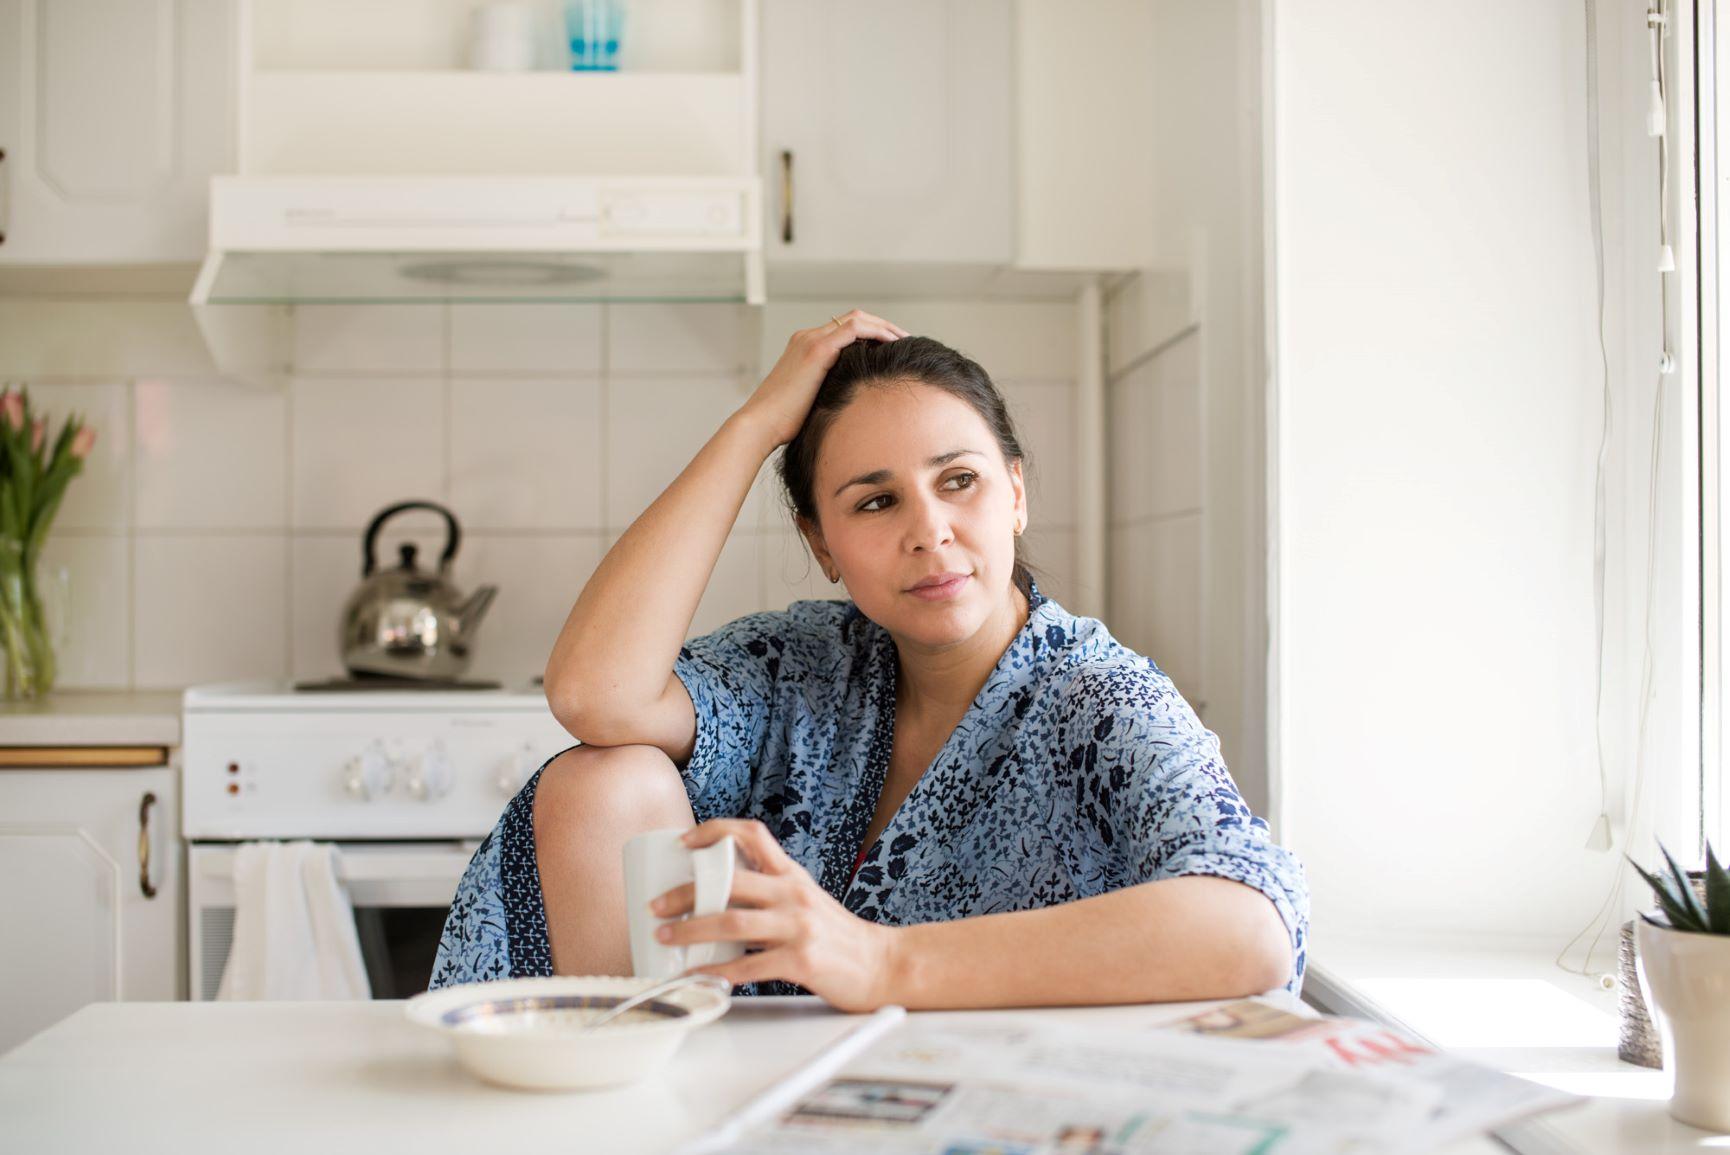 mensvärk eller graviditet